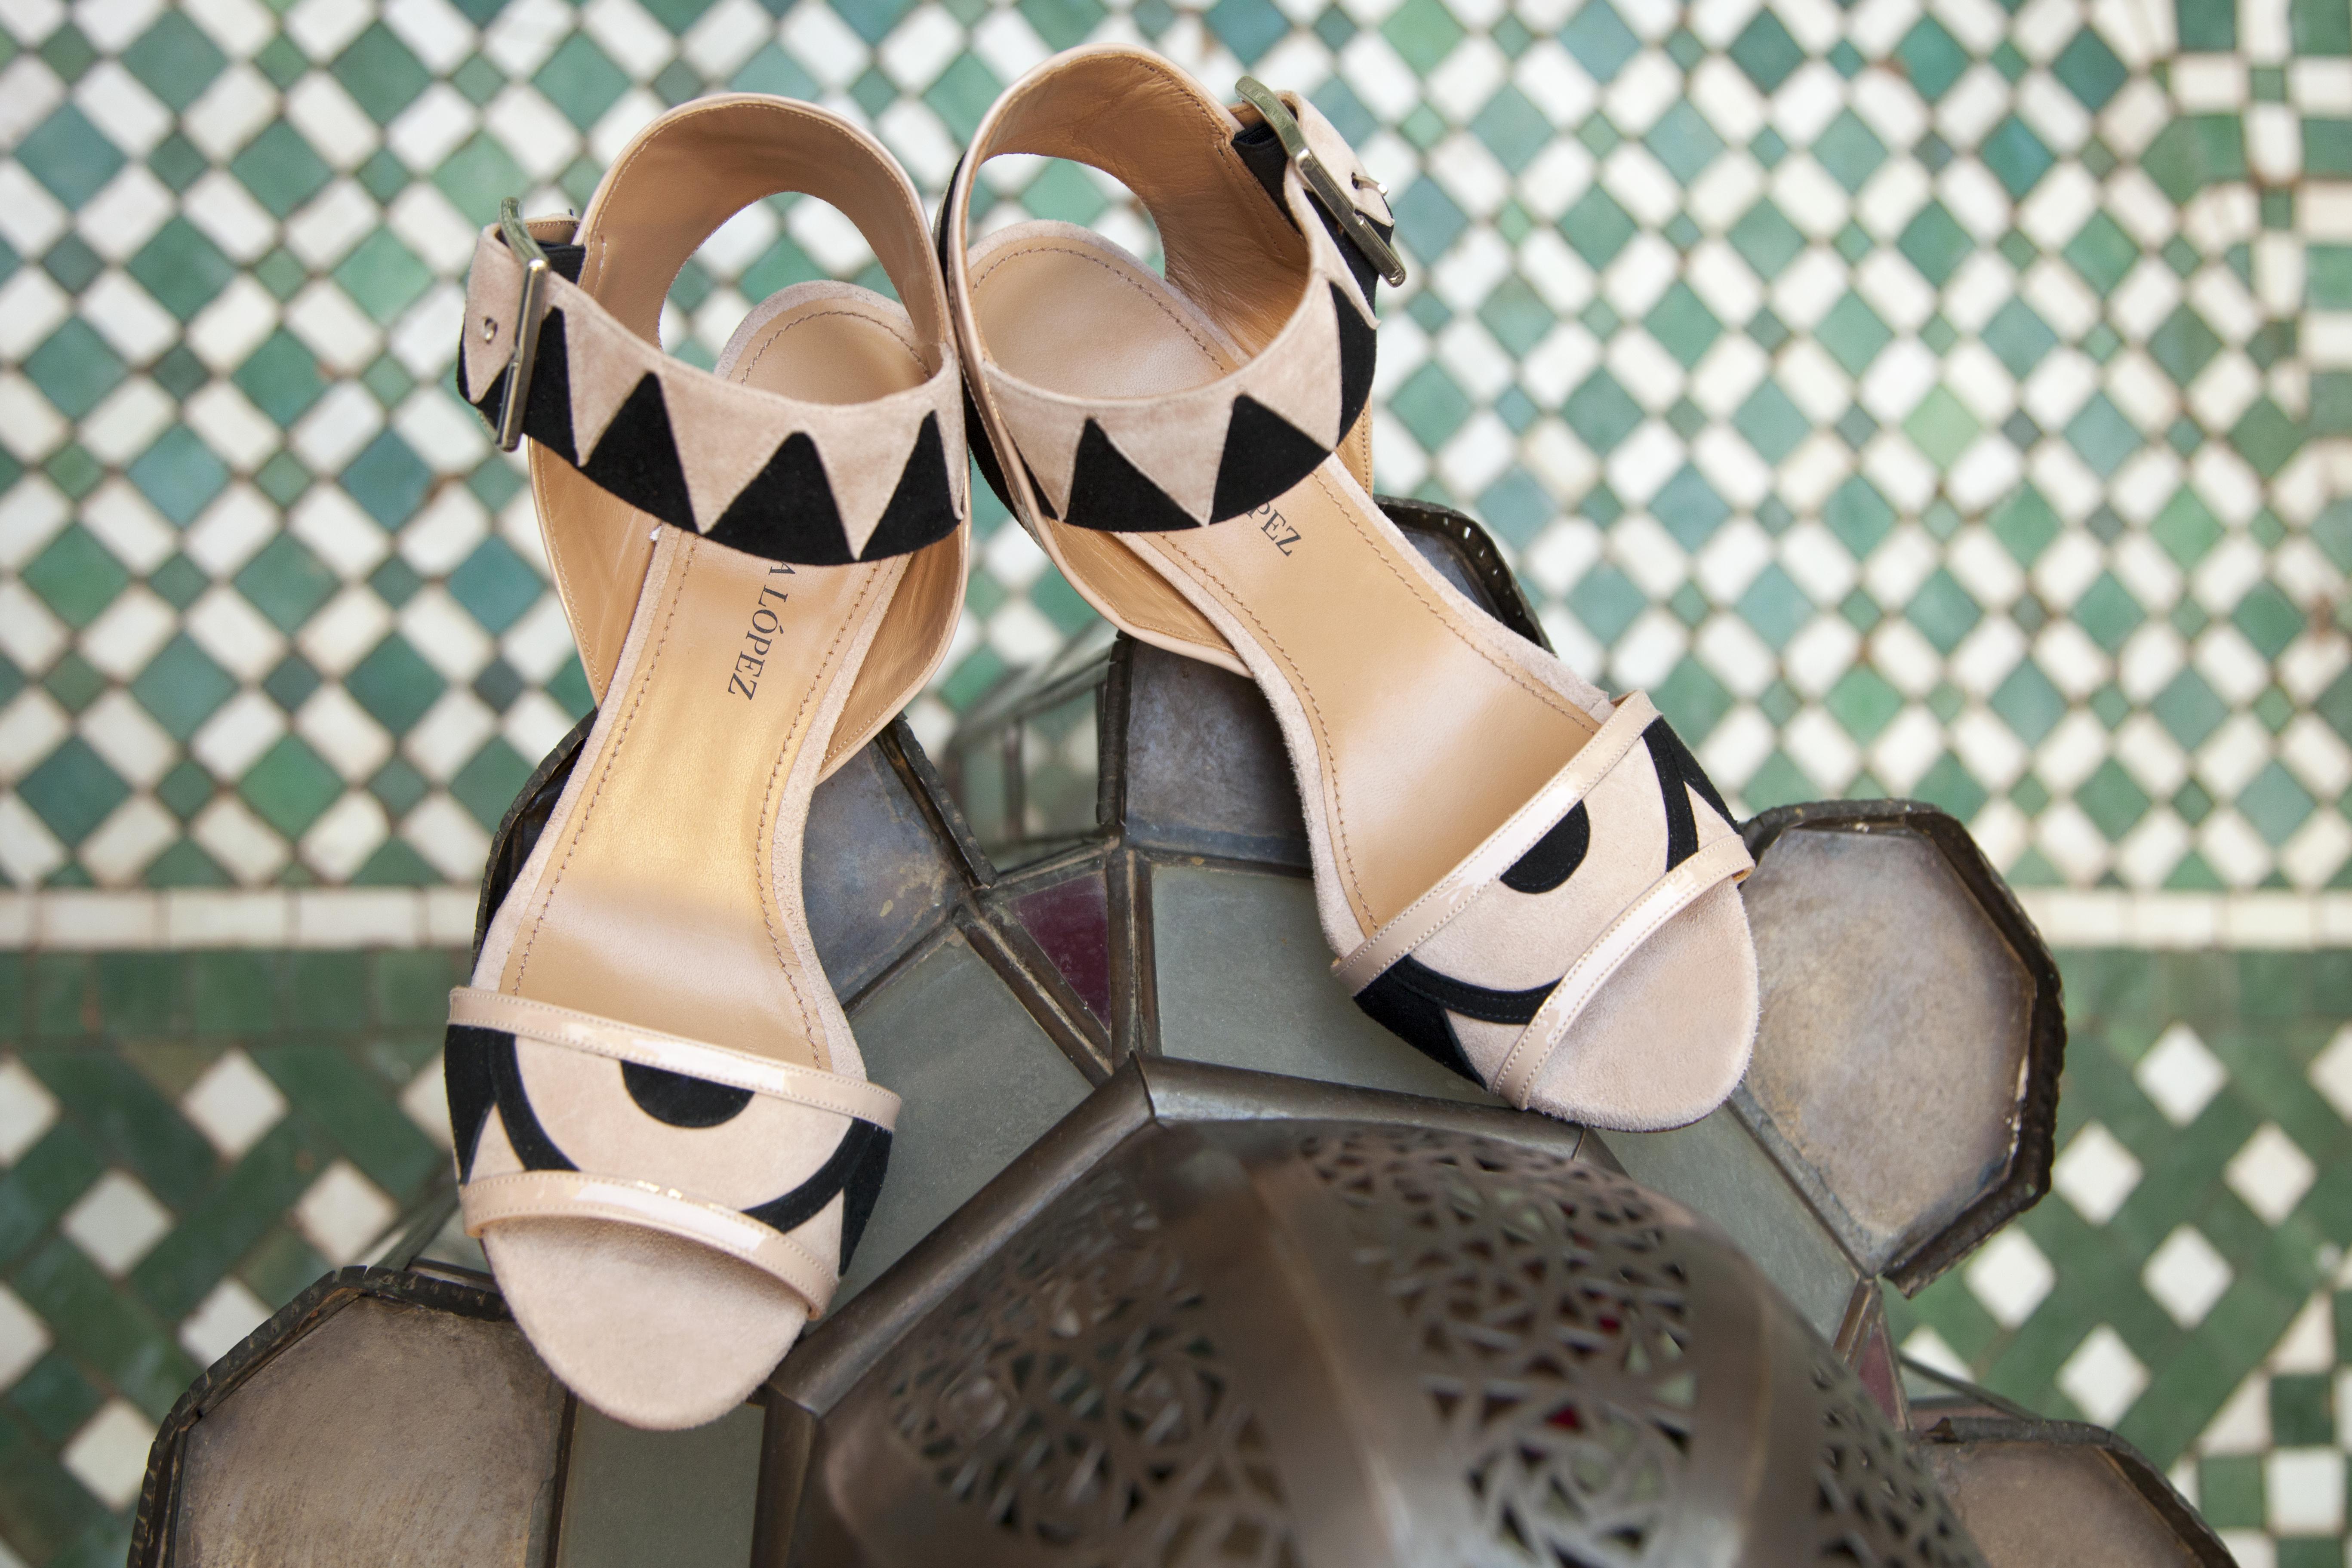 Sandalias de tacón alto en tonos neutros